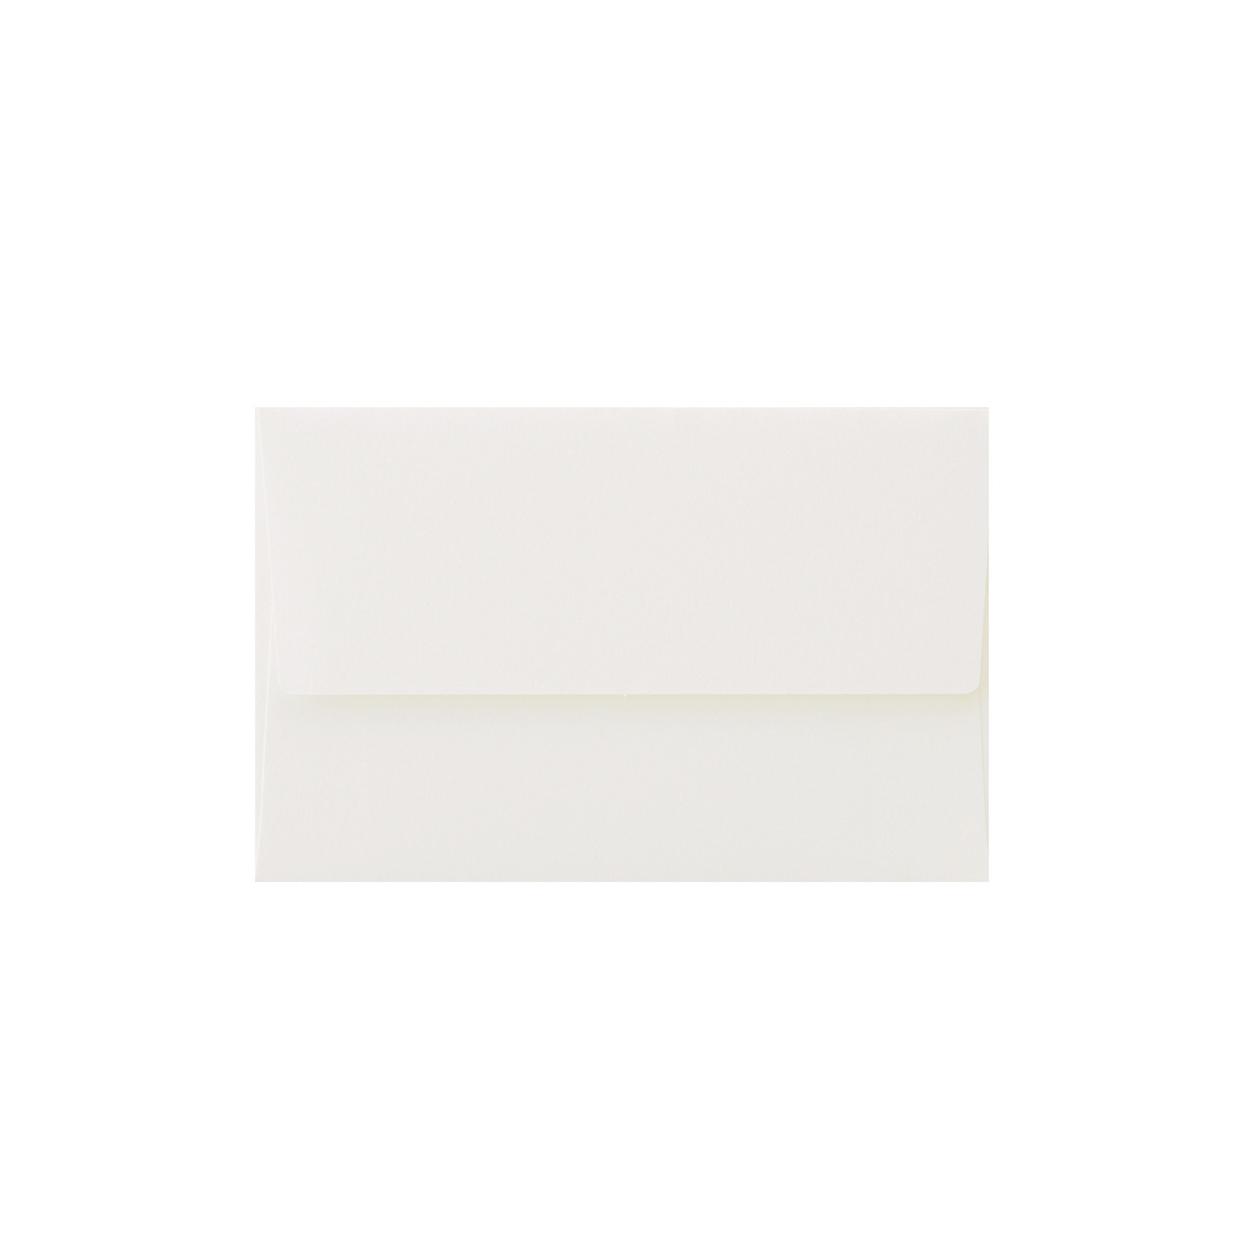 NEカマス封筒 コットン スノーホワイト 116.3g